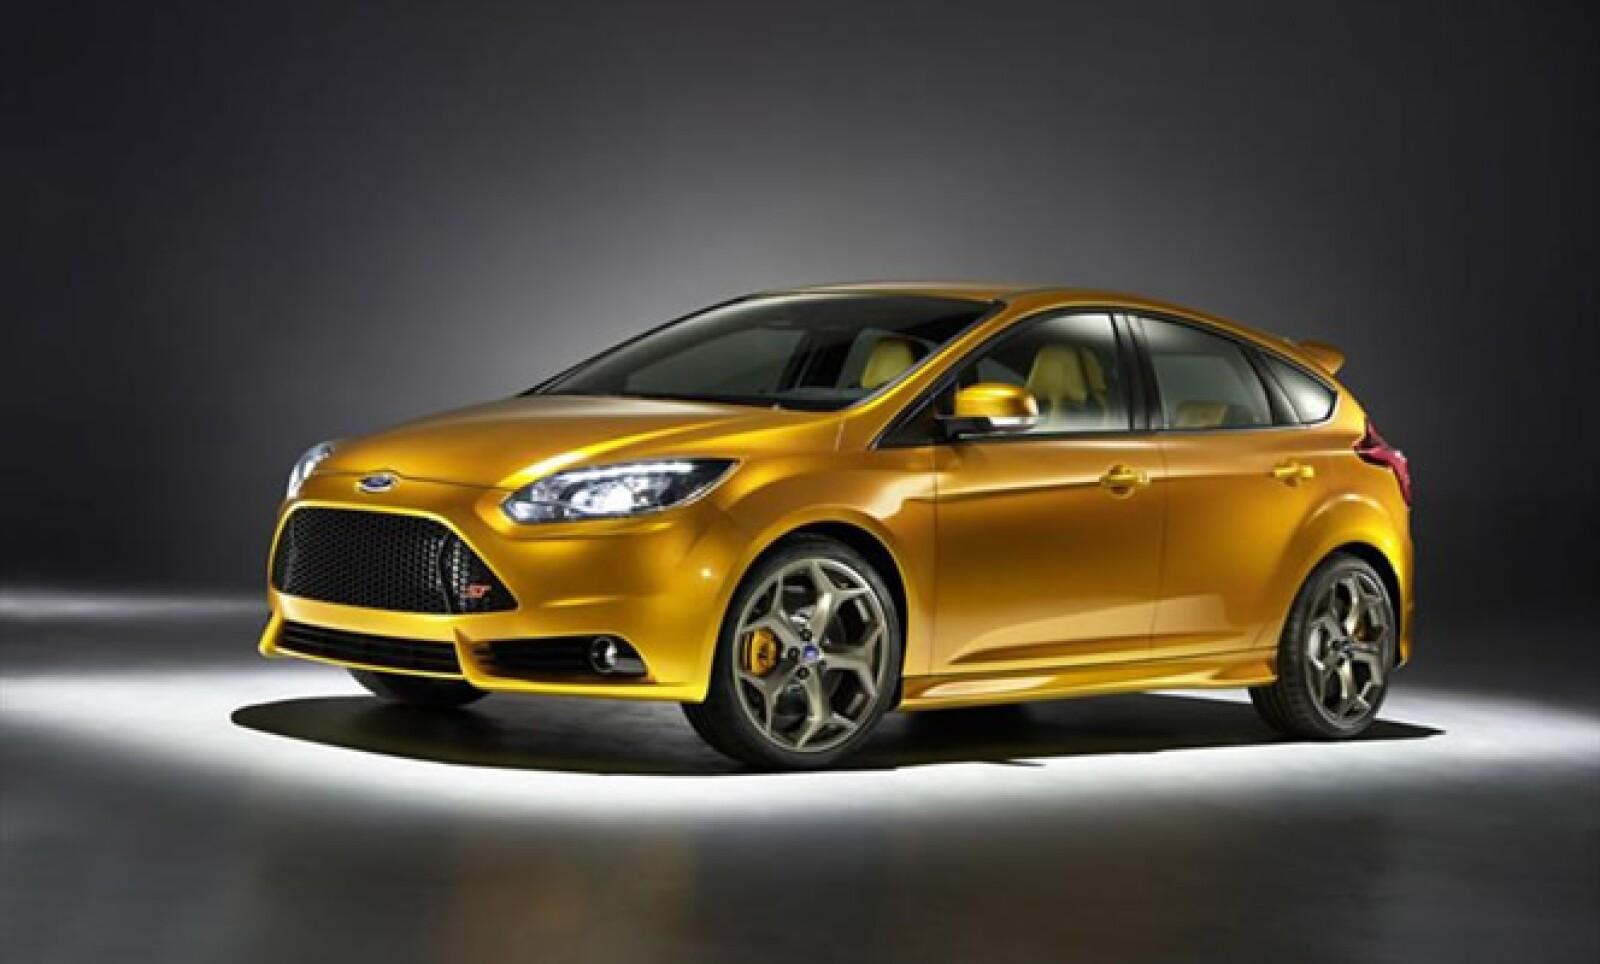 Este nuevo deportivo compacto opta por un nuevo motor de 4 cilindros Ecoboost de 2.0 litros de desplazamiento que entregará 247 hp.